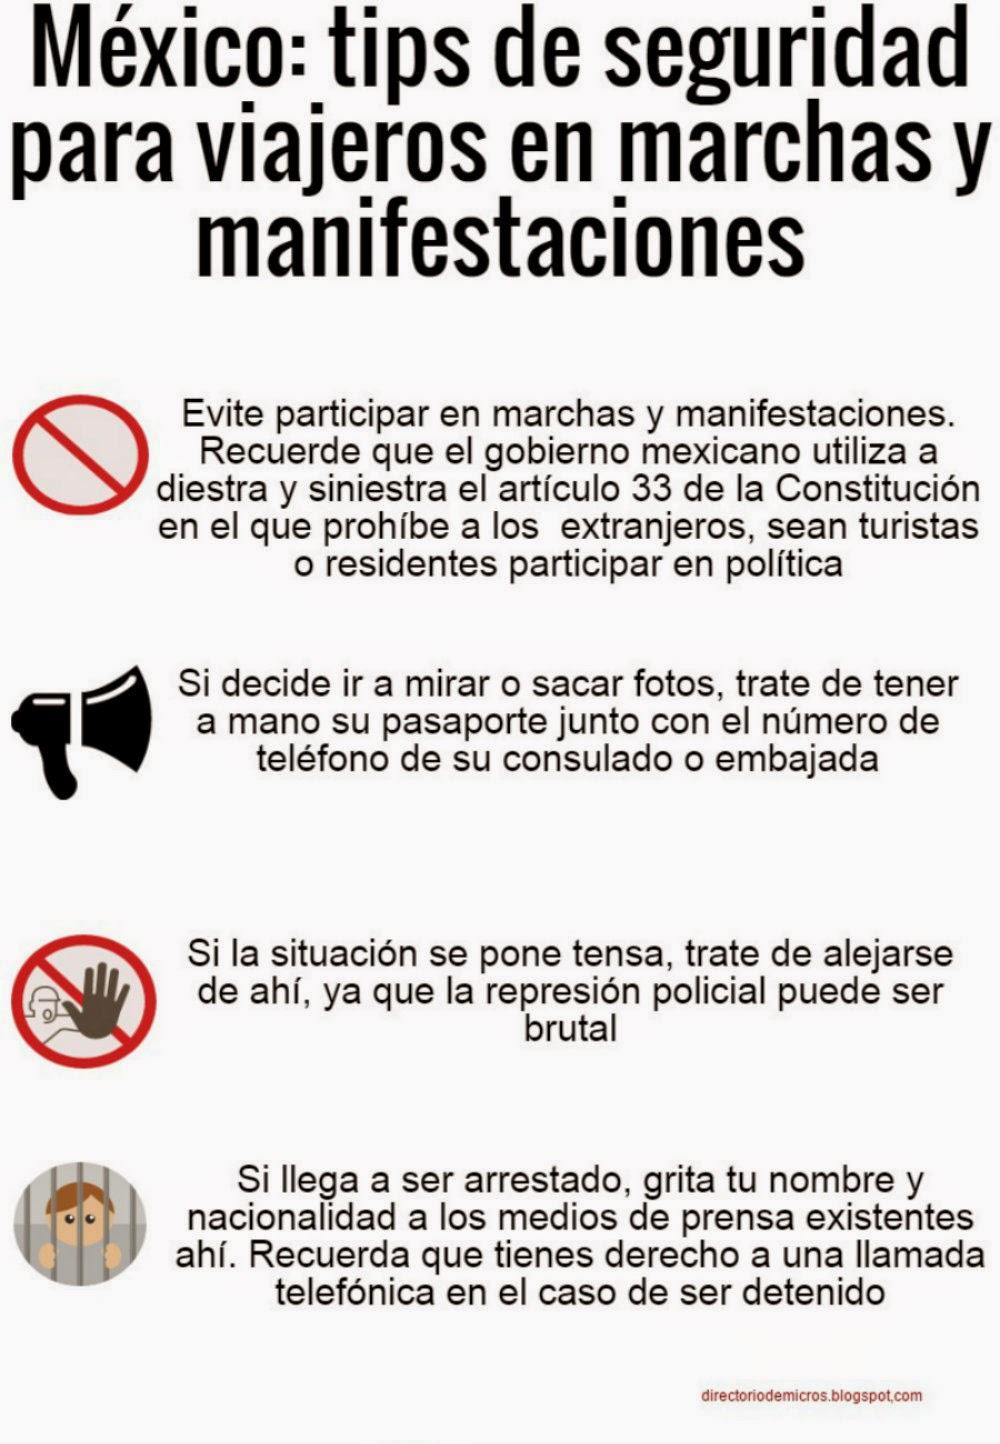 Seguridad Mexico México Tips de Seguridad en